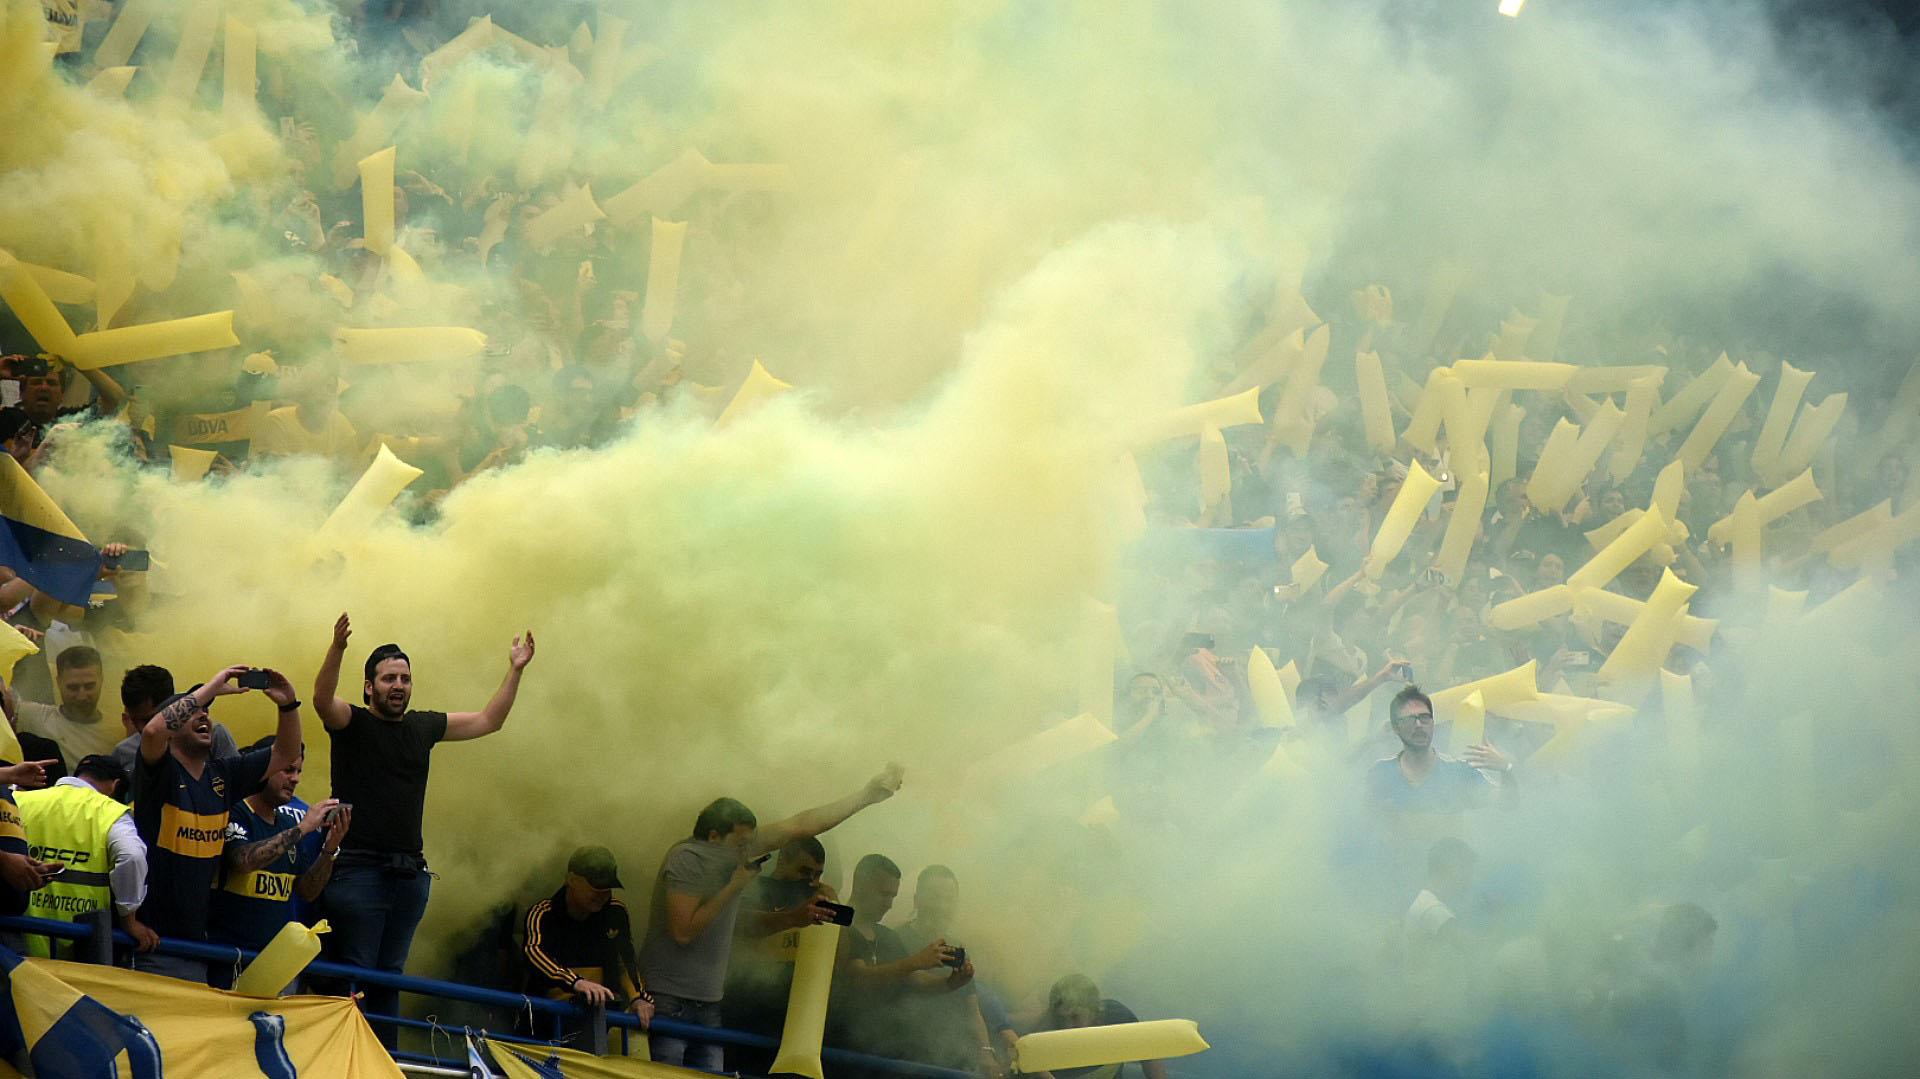 El humo amarillo y azul brotó desde las tribunas en la salida de los equipos